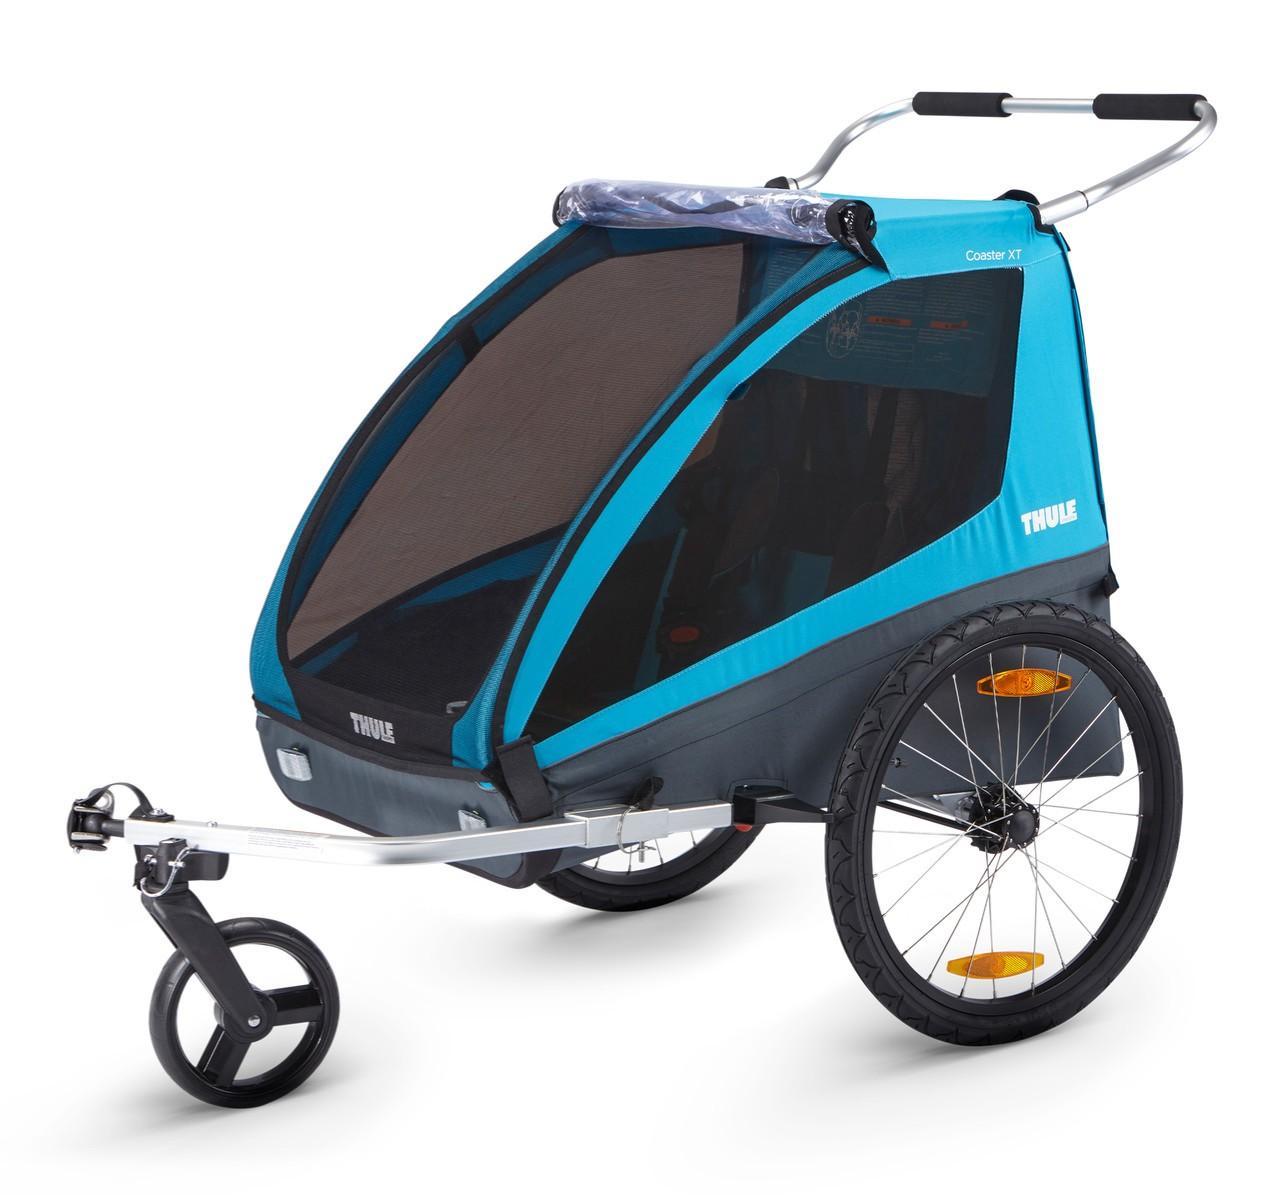 Thule - Coaster 2 XT bike trailer+stroll Blue